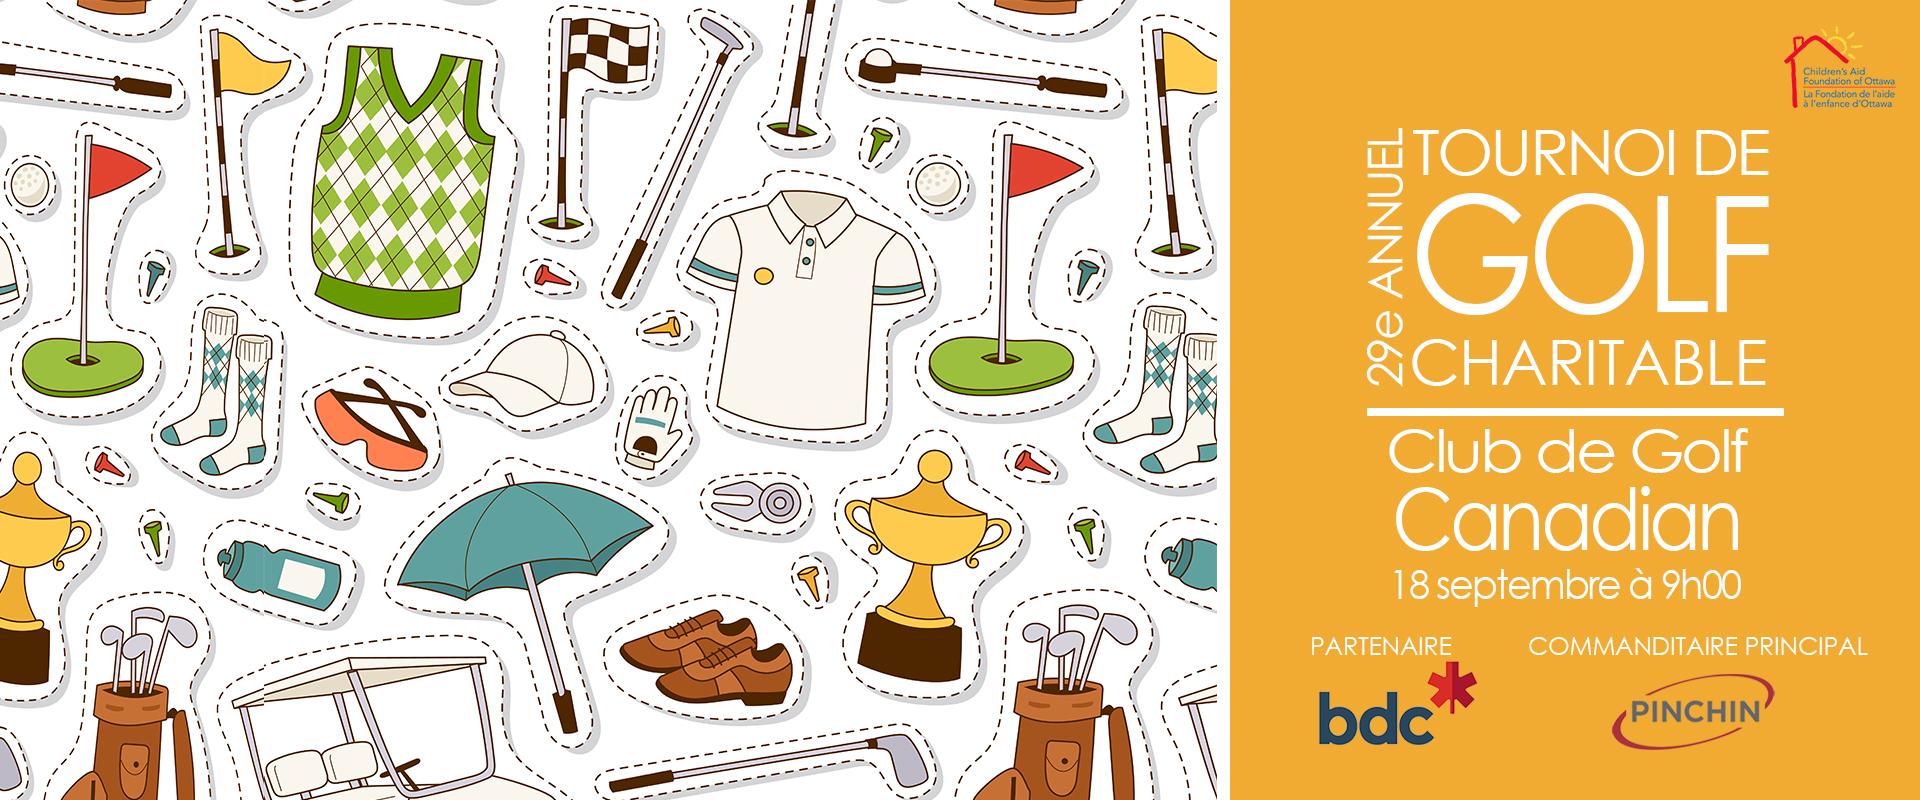 golf tournament website banner fr